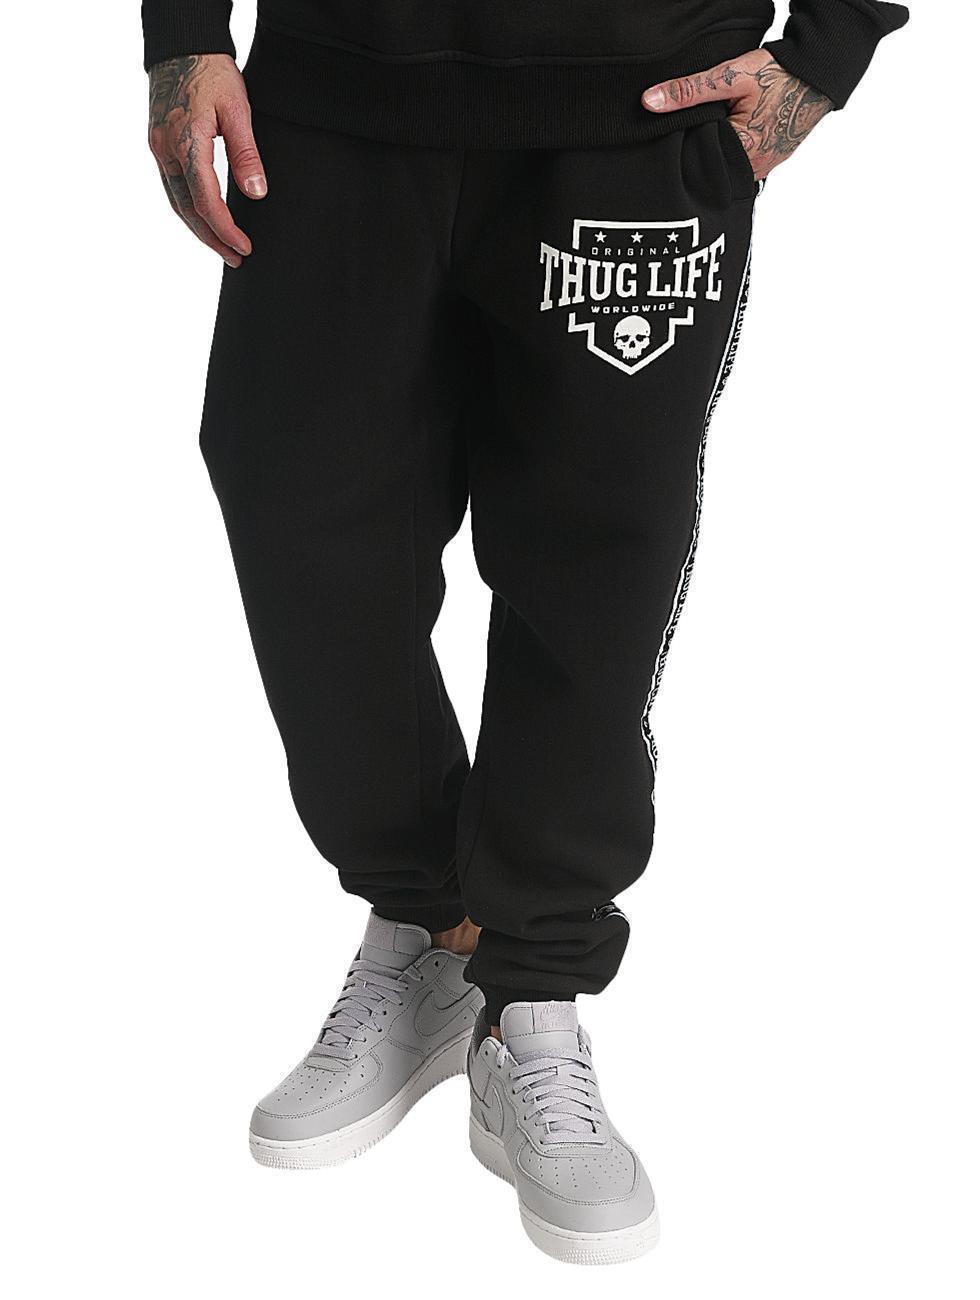 Thug Life Männer Jogginghose Worldwide in black Sweat Pants S M L XL XXL 3XL